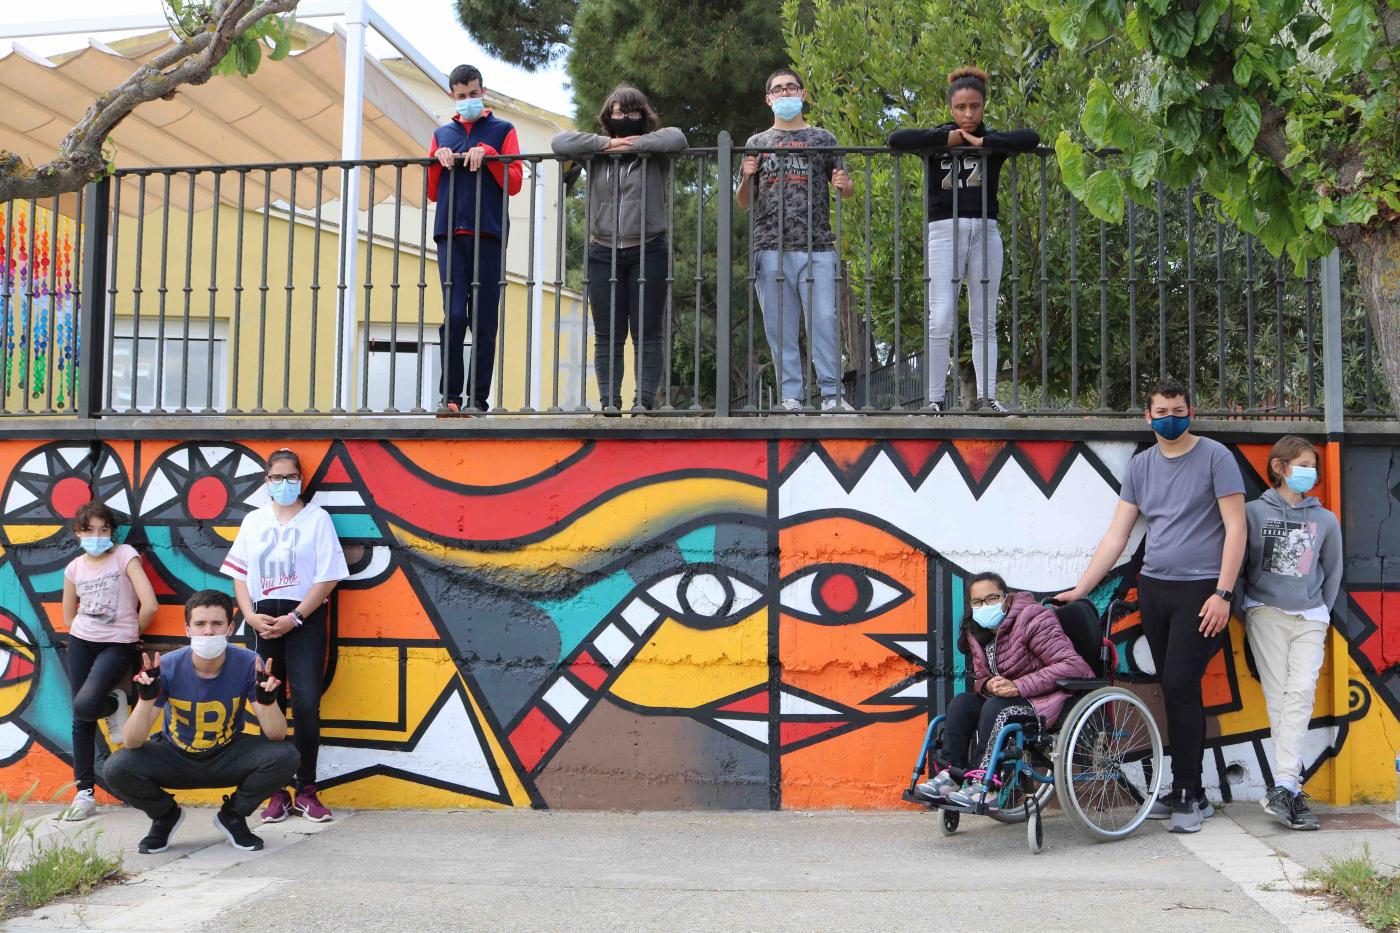 L'Escola Alba de Tàrrega llueix un nou mural que reivindica la diversitat i la inclusió.